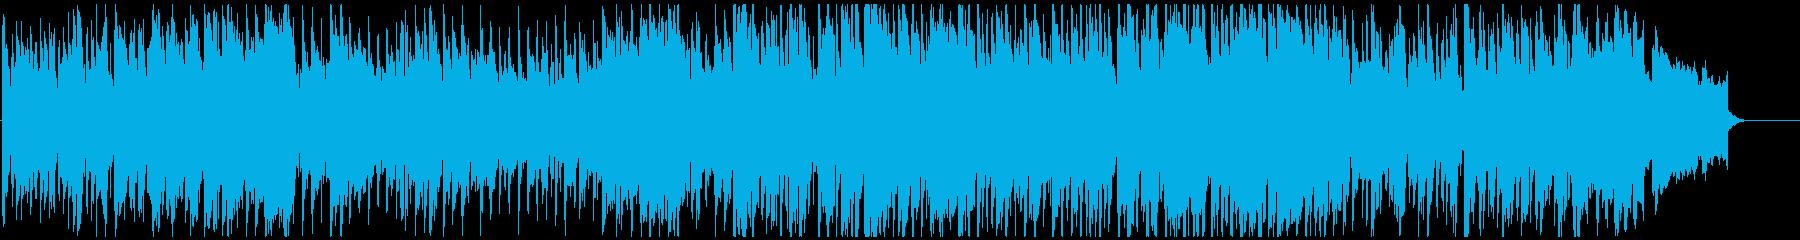 楽しく軽やかで弾むような生楽器系のBGMの再生済みの波形